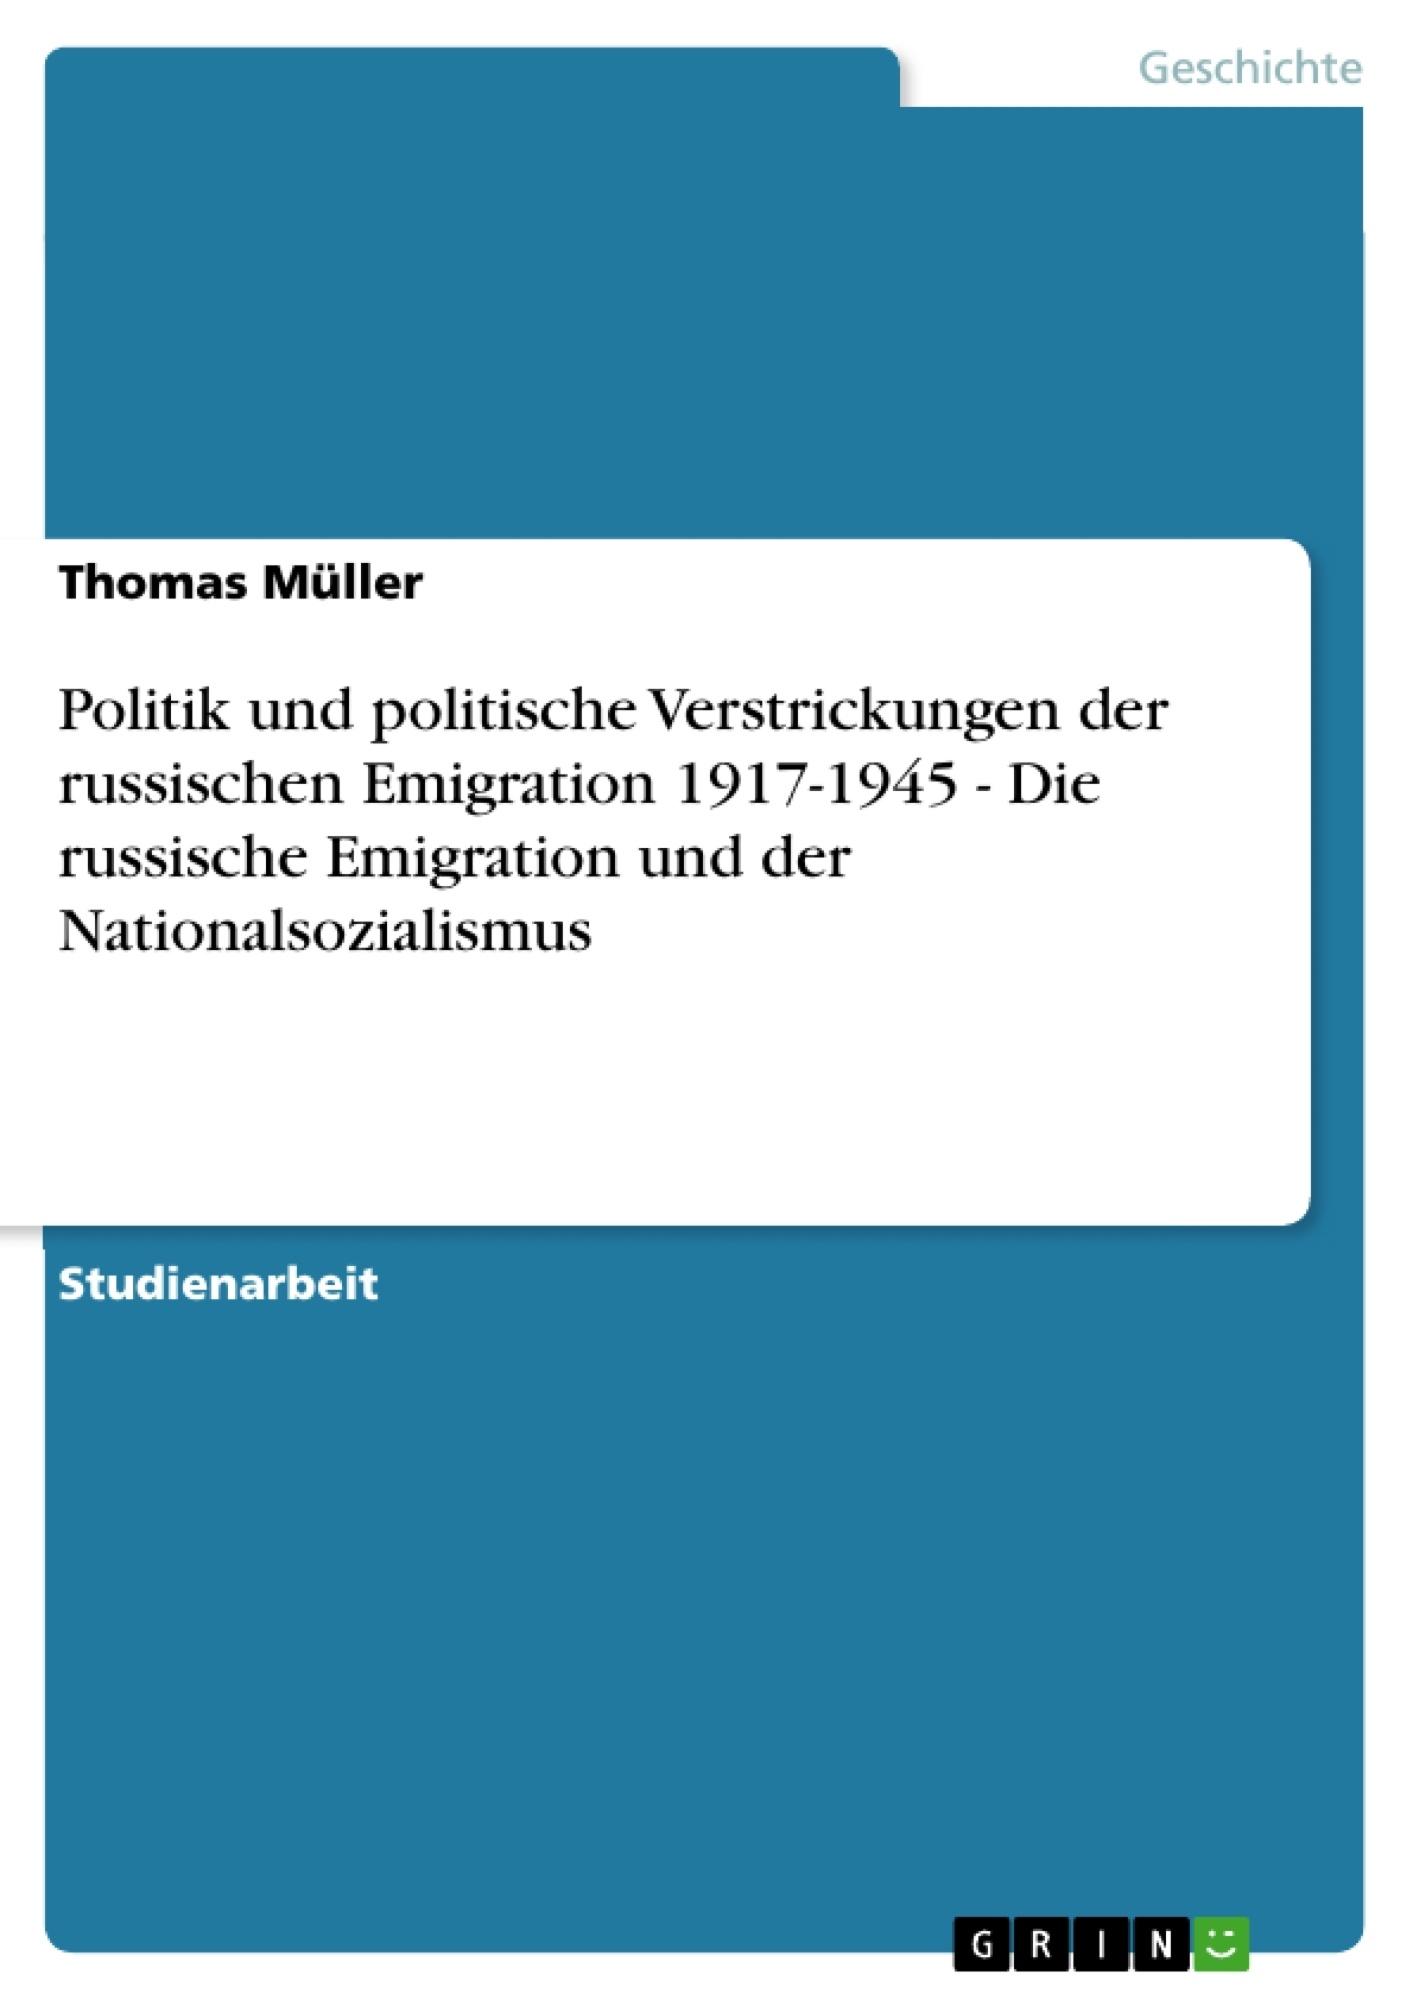 Titel: Politik und politische Verstrickungen der russischen Emigration 1917-1945 - Die russische Emigration und der Nationalsozialismus